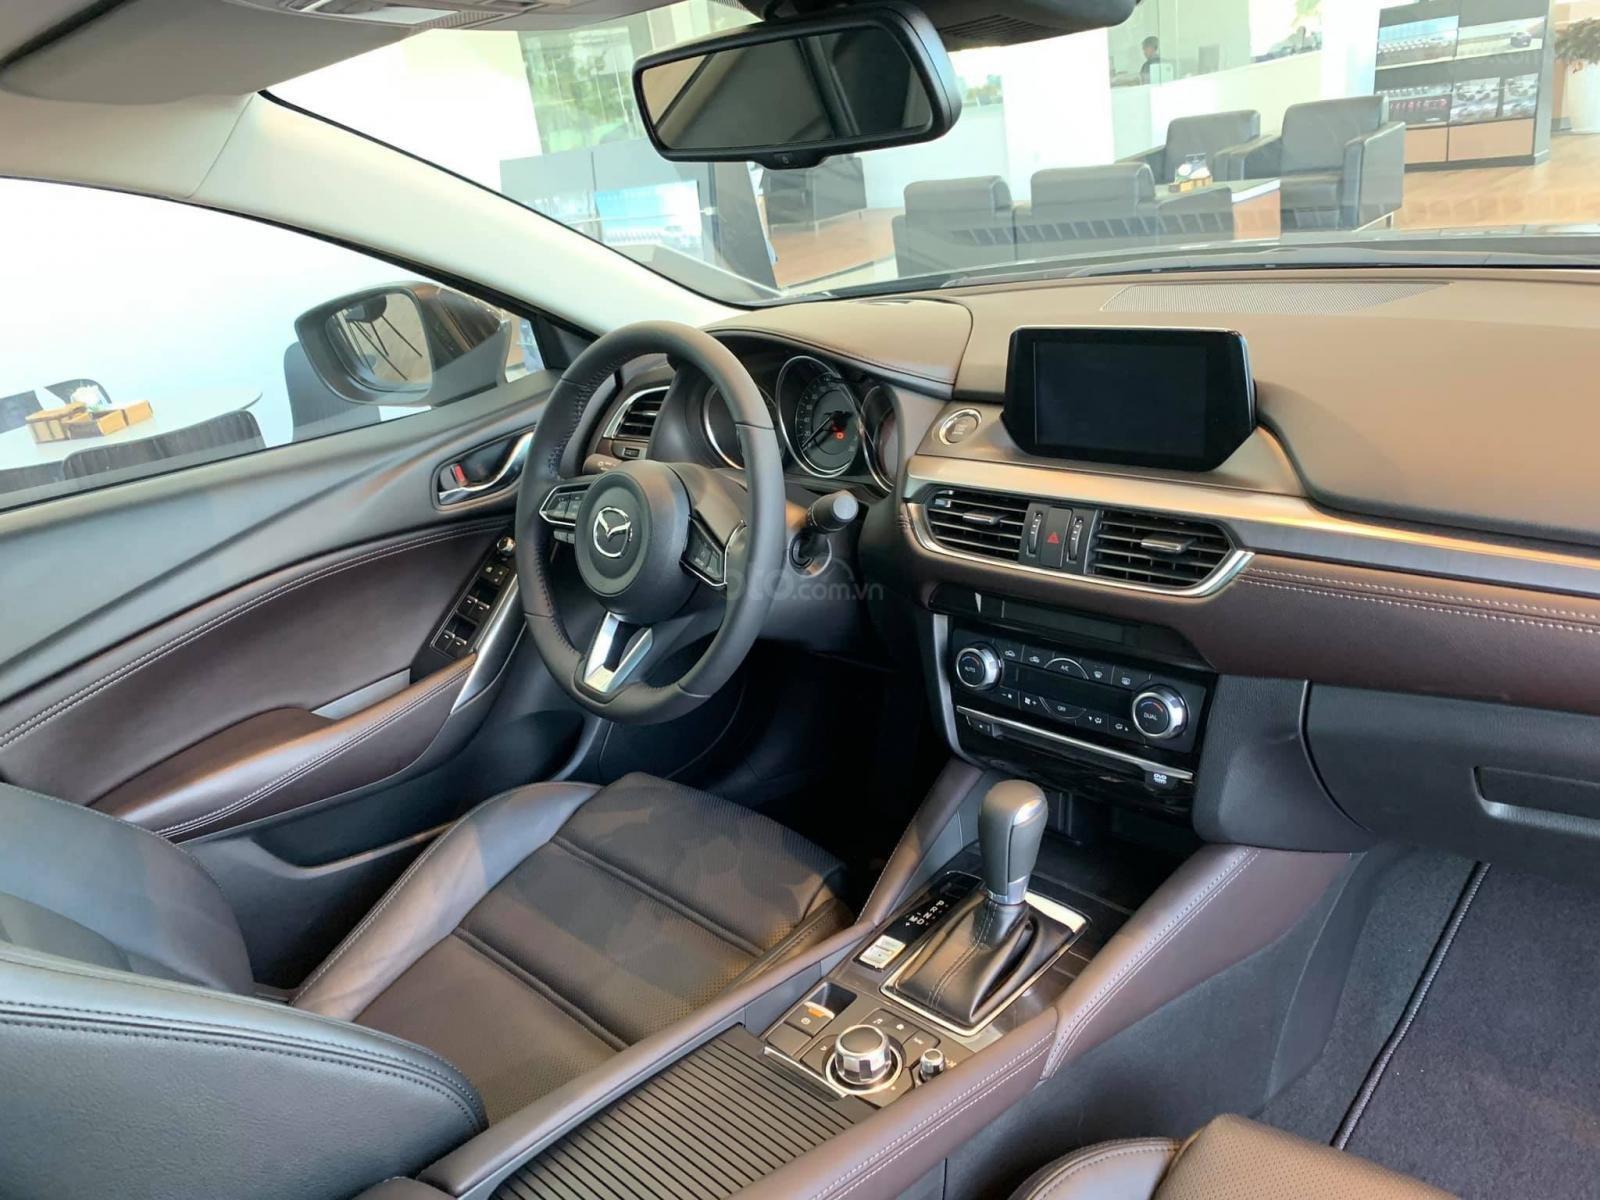 2019 Mazda 3 1.5AT Luxury ưu đãi đến 70 triệu (6)